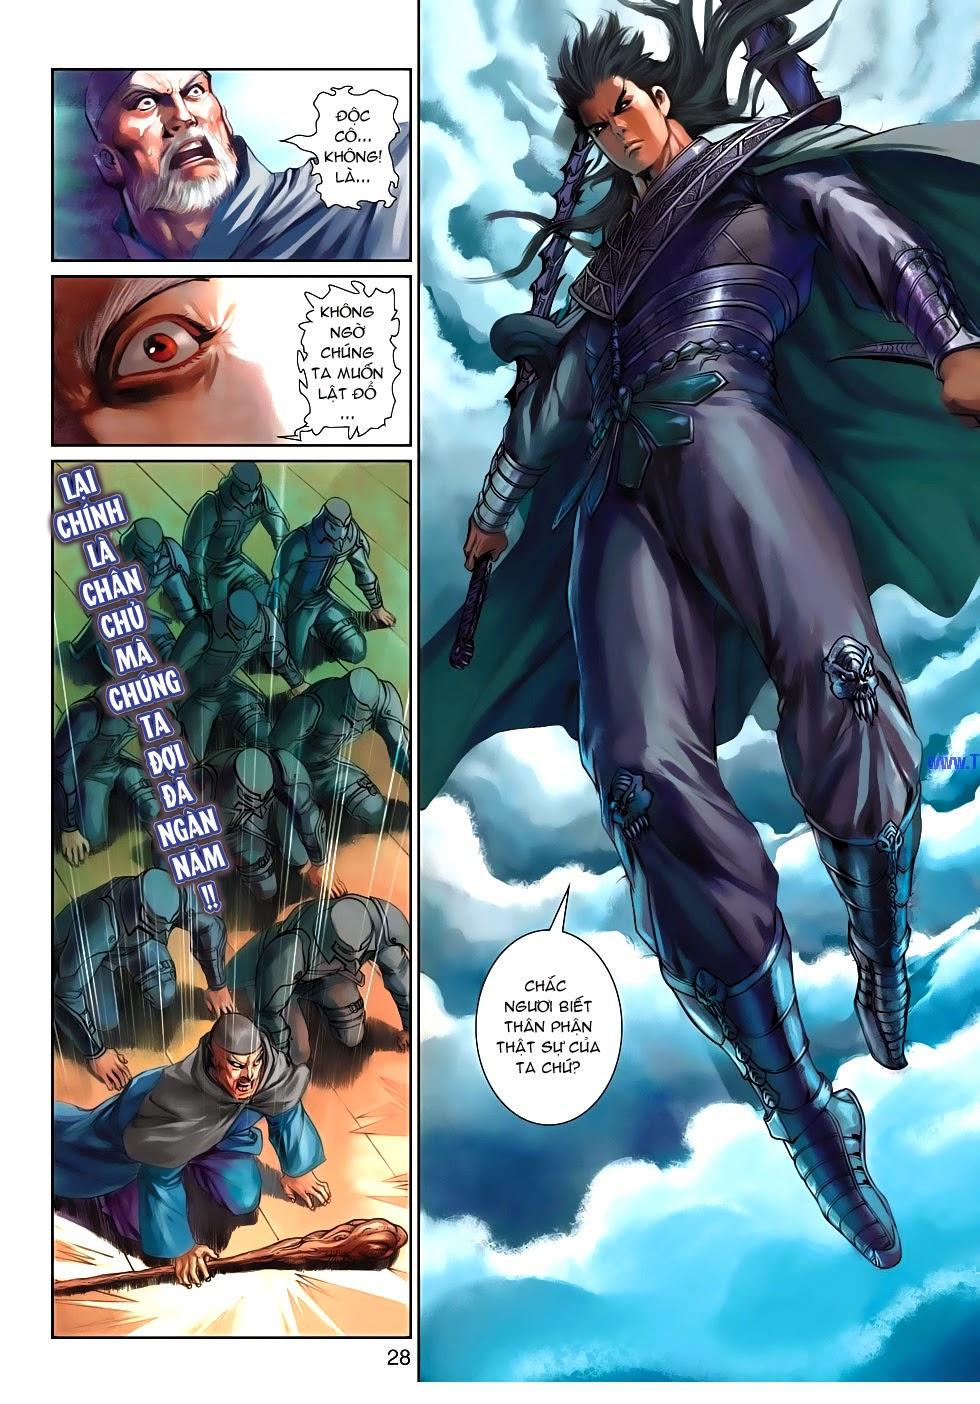 Thần Binh Tiền Truyện 4 - Huyền Thiên Tà Đế chap 10 - Trang 28